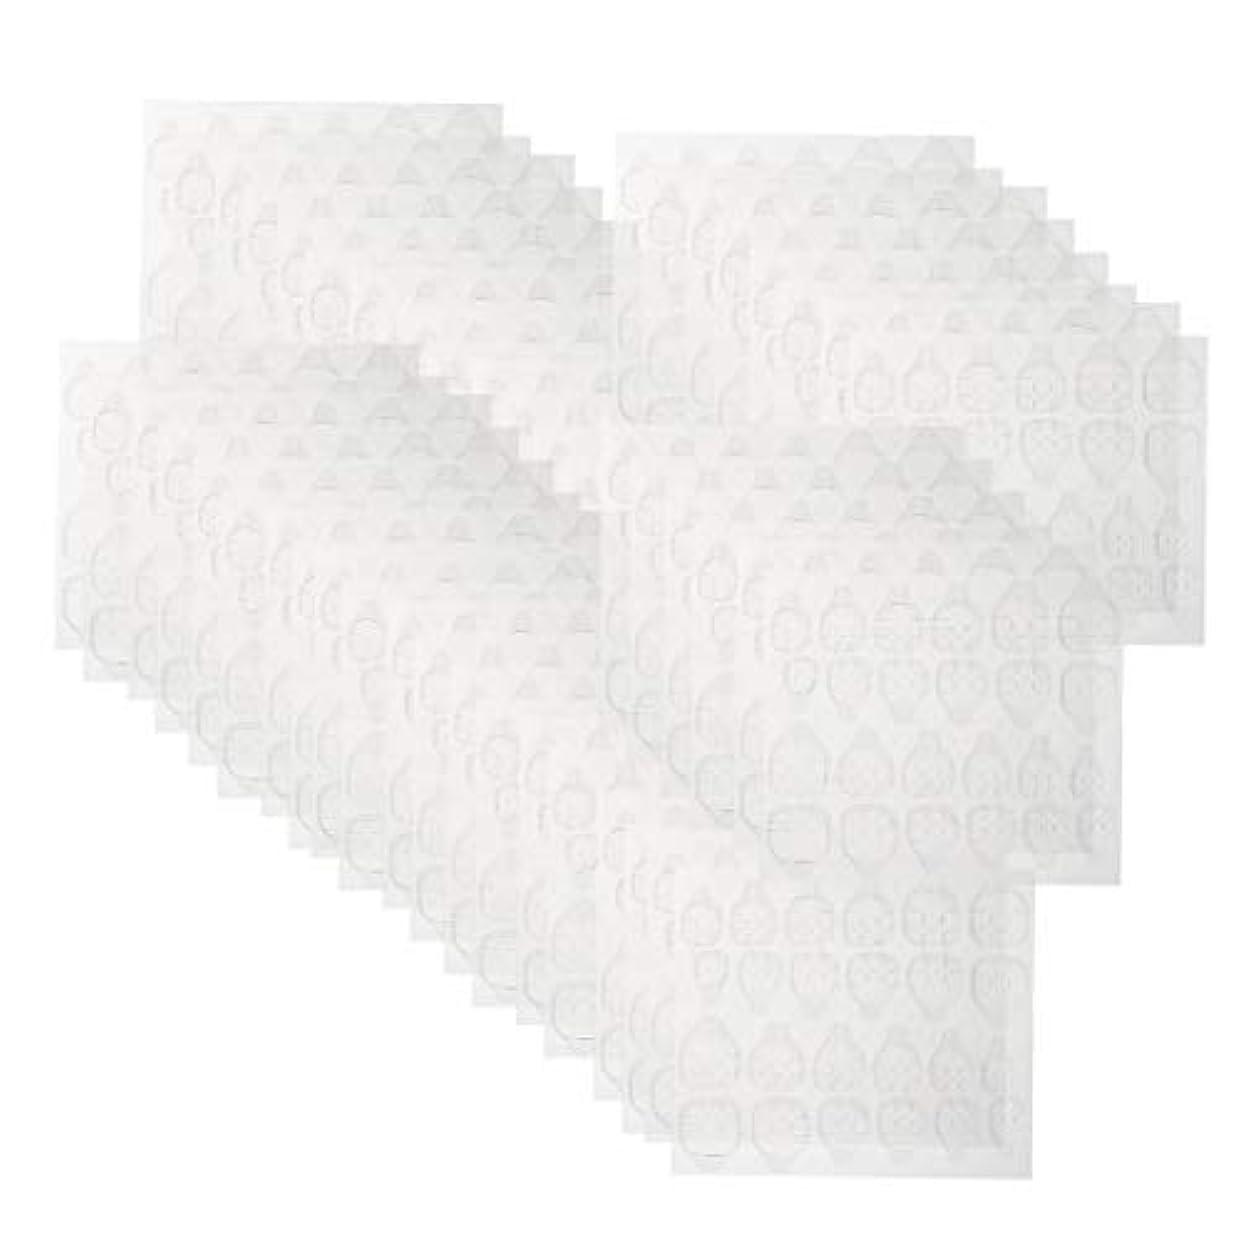 コットンアプライアンススカウトネイルタブ クリア ネイル接着剤タブ マニキュアスティック ネイルケア 約240ピースセット